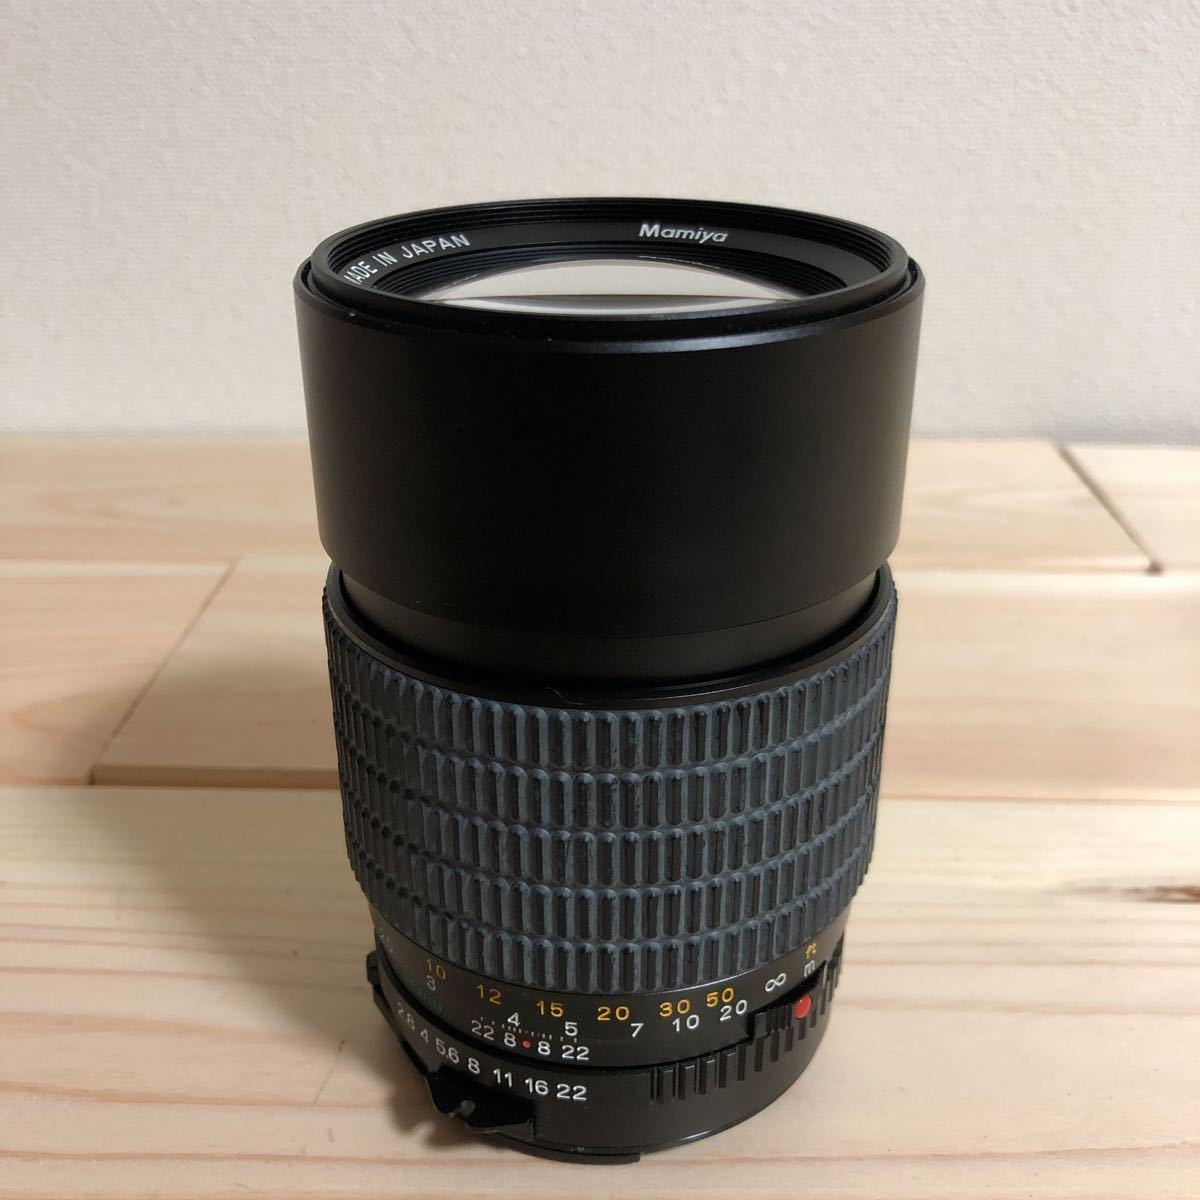 マミヤ MAMIYA-SEKOR C 150mm F2.8 A MAMIYA SEKOR 1:28 美品 カビ 曇り なし_画像1